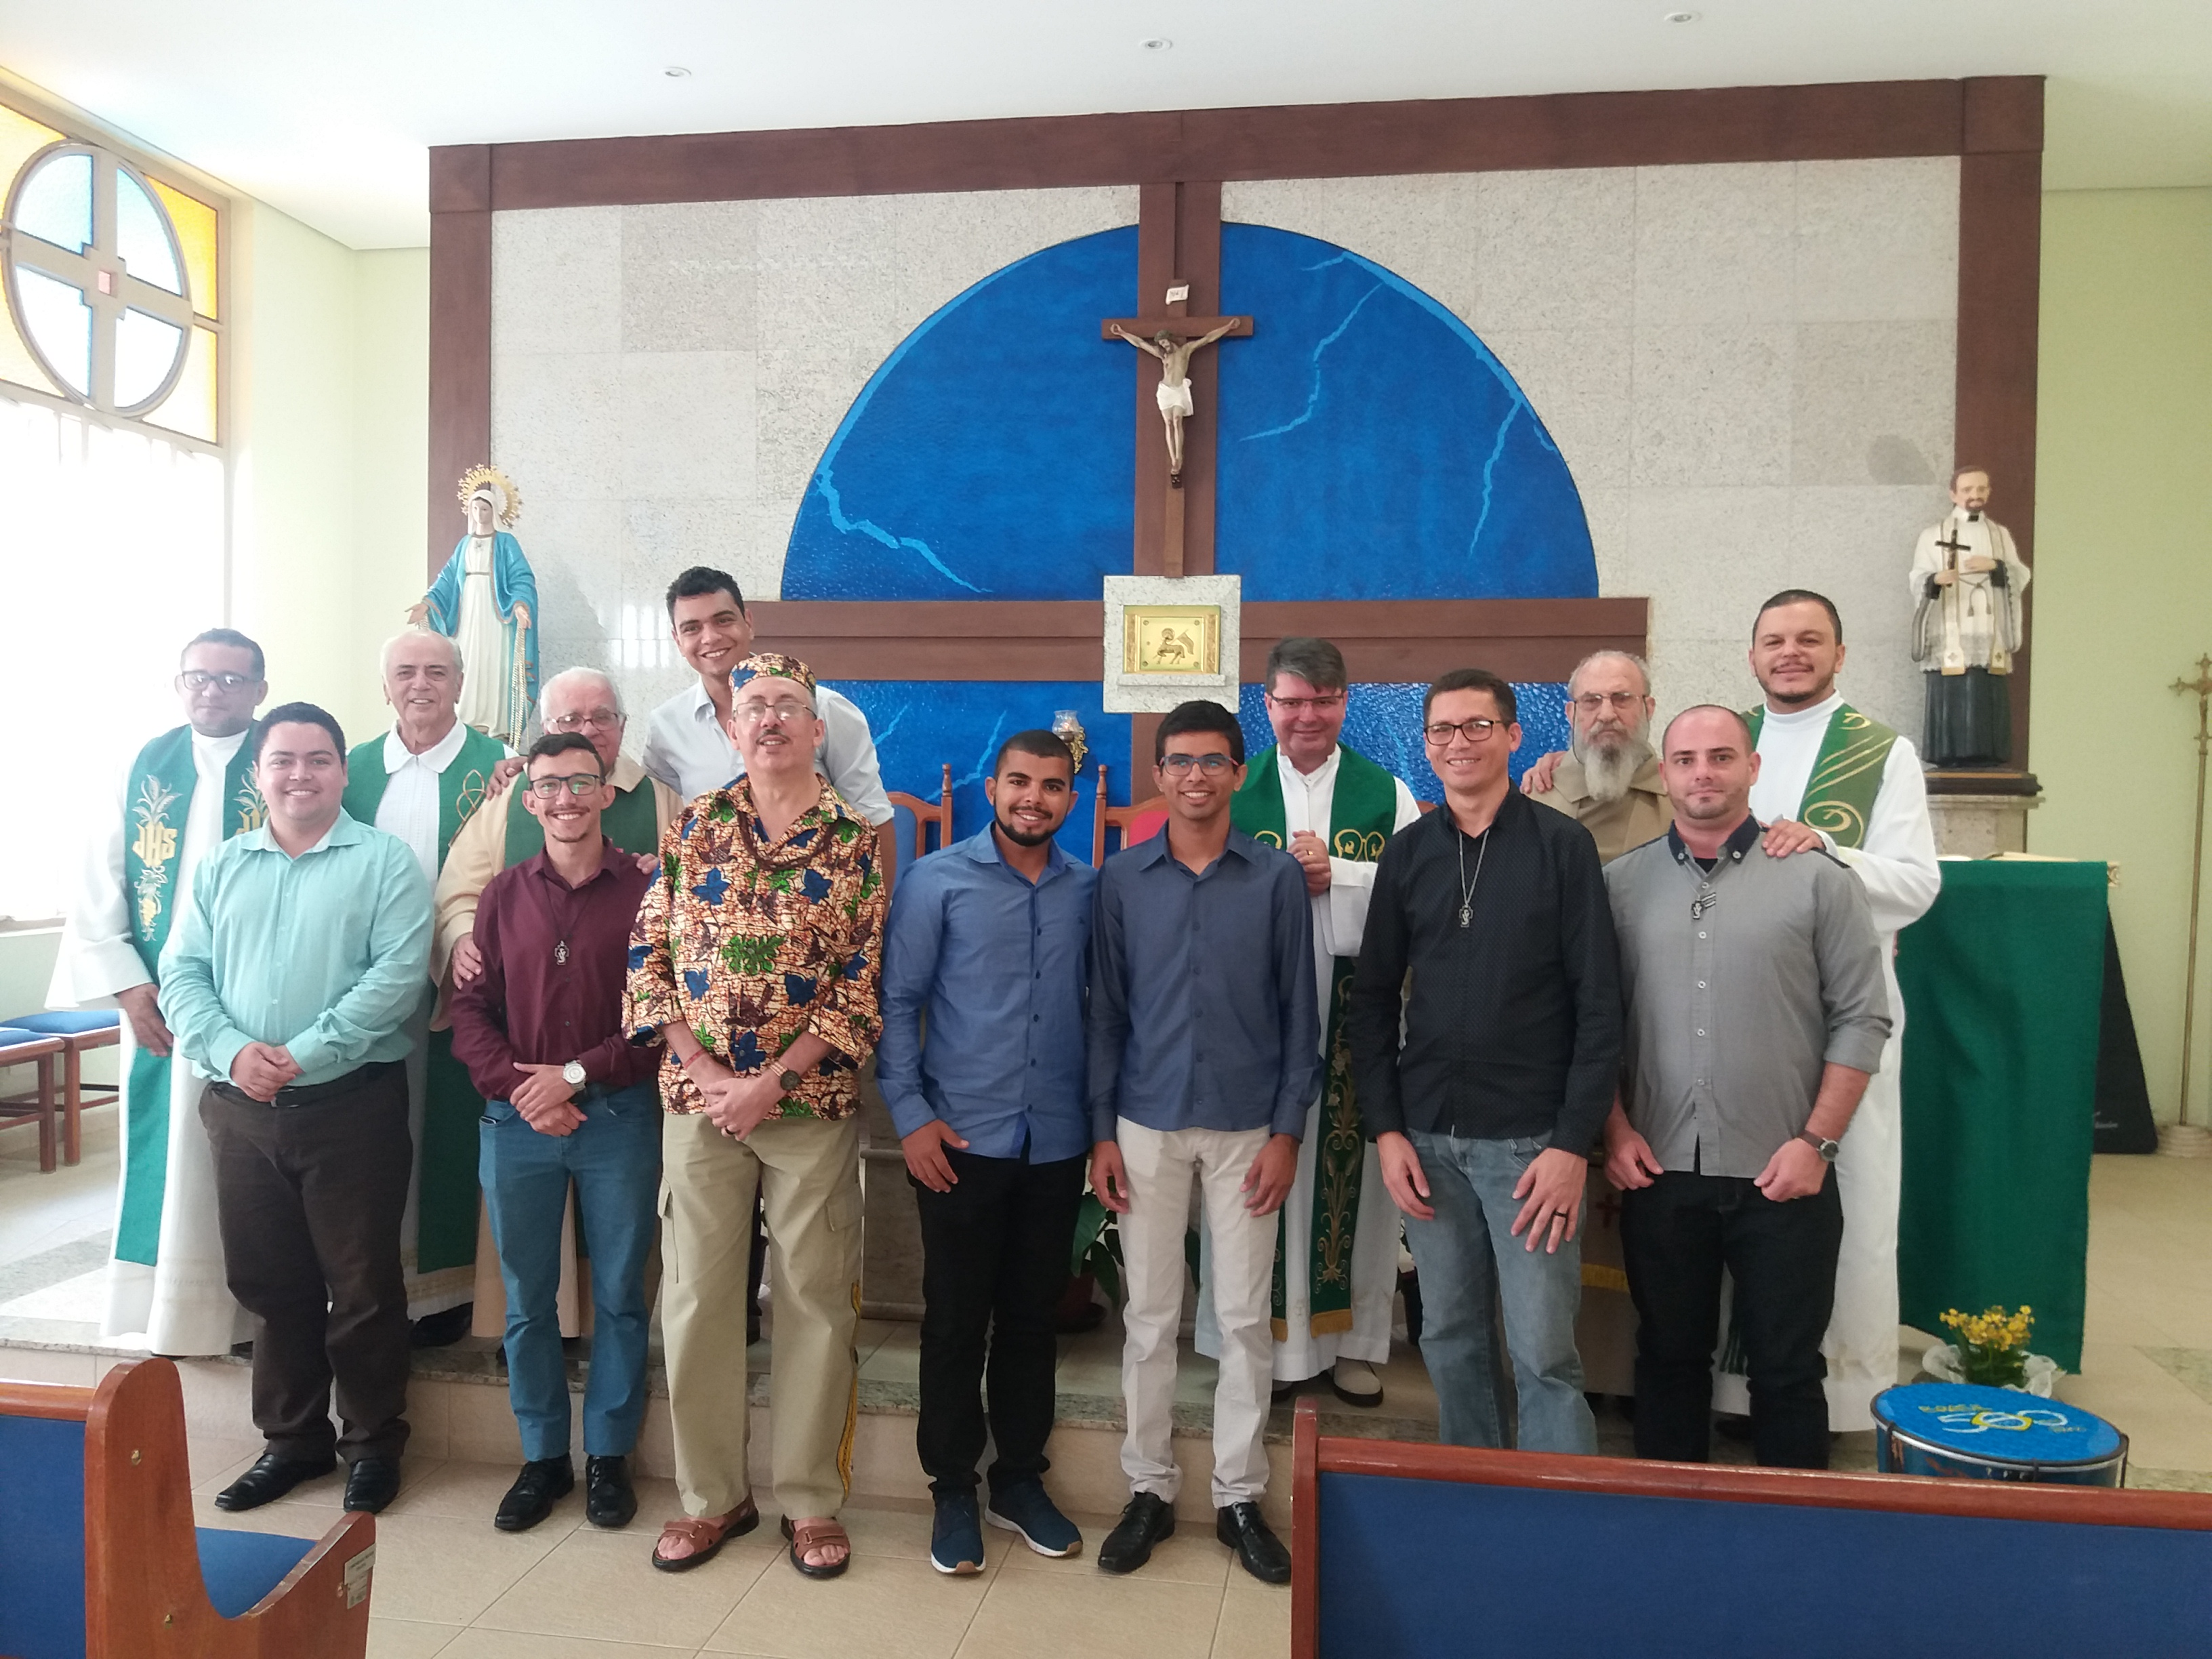 Brasil: Seminário interno Interprovincial da Congregação da Missão ocorre em Belo Horizonte